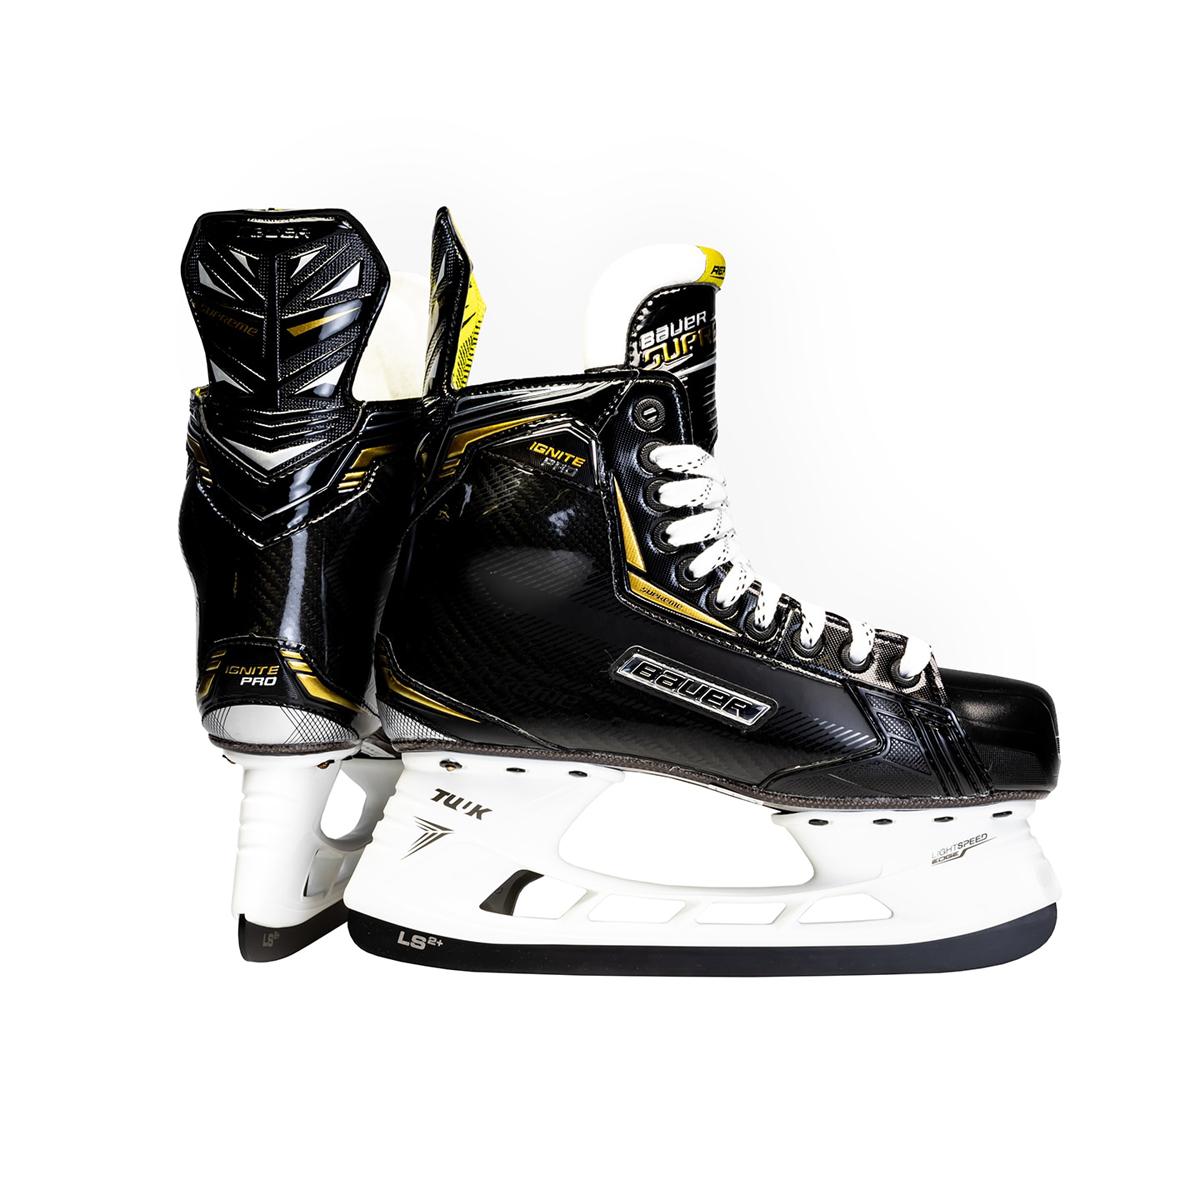 f1f681d84f6 Bauer Supreme Ignite Pro Senior Hockey Skates